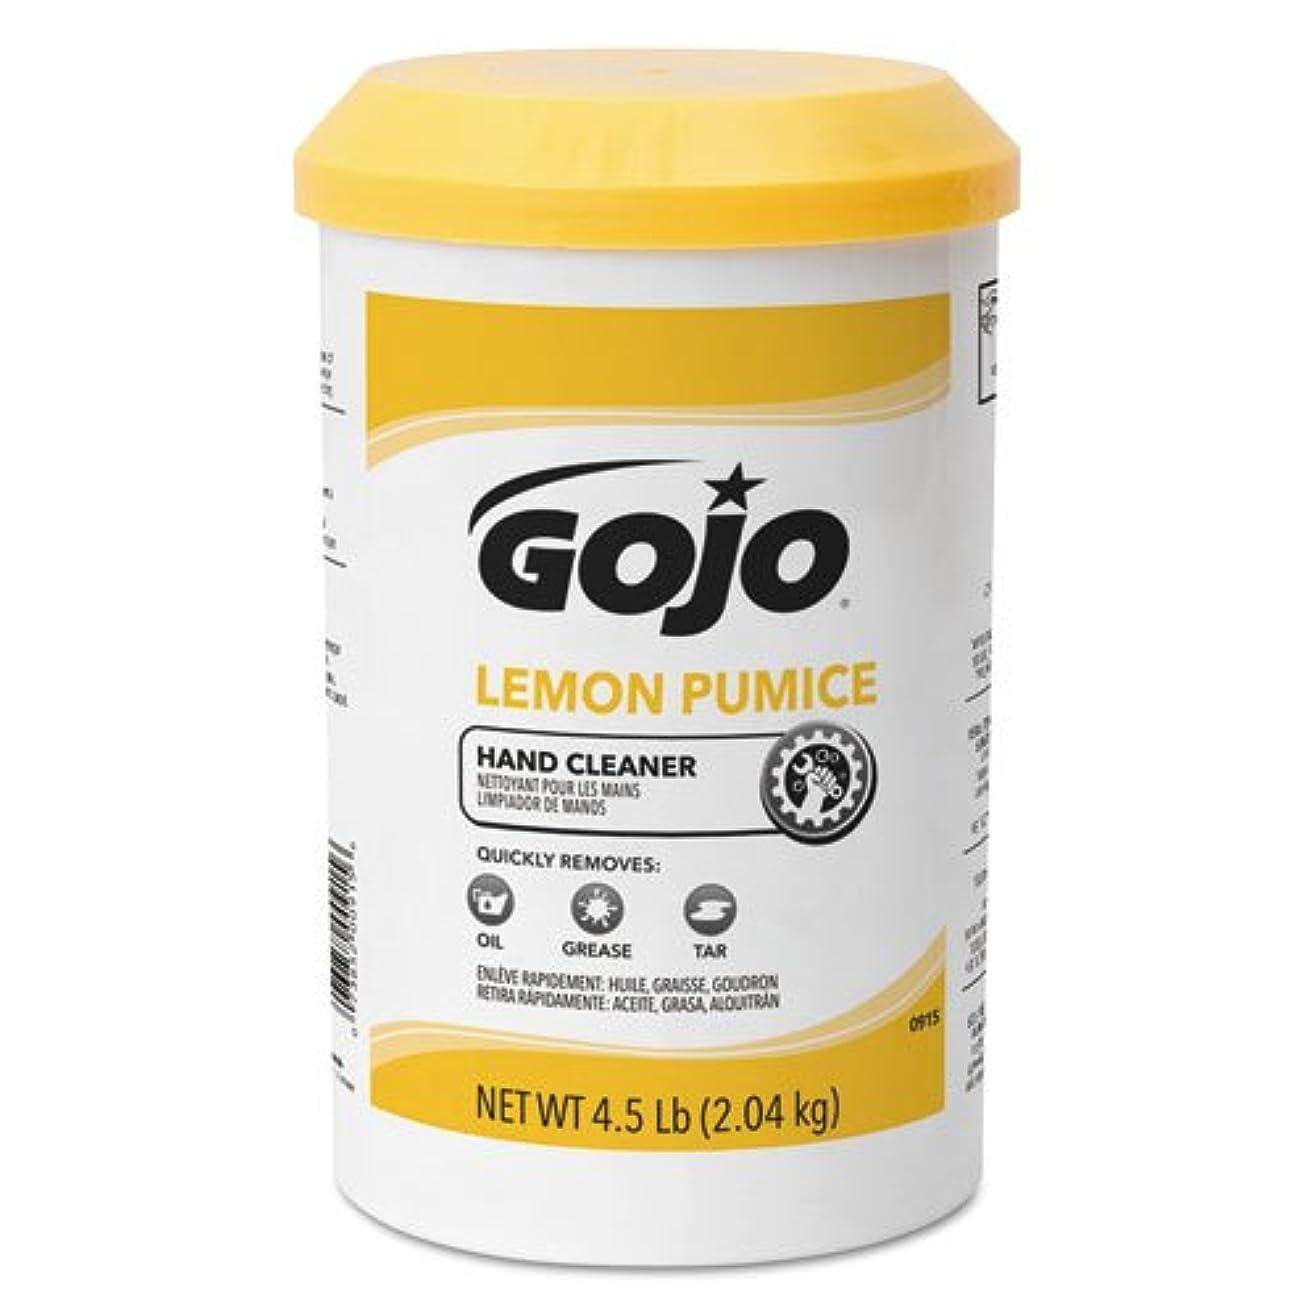 急性ぐったり申し立てるGojo レモンプーミス ハンドクリーナー レモンの香り 4.5ポンド GOJ0915